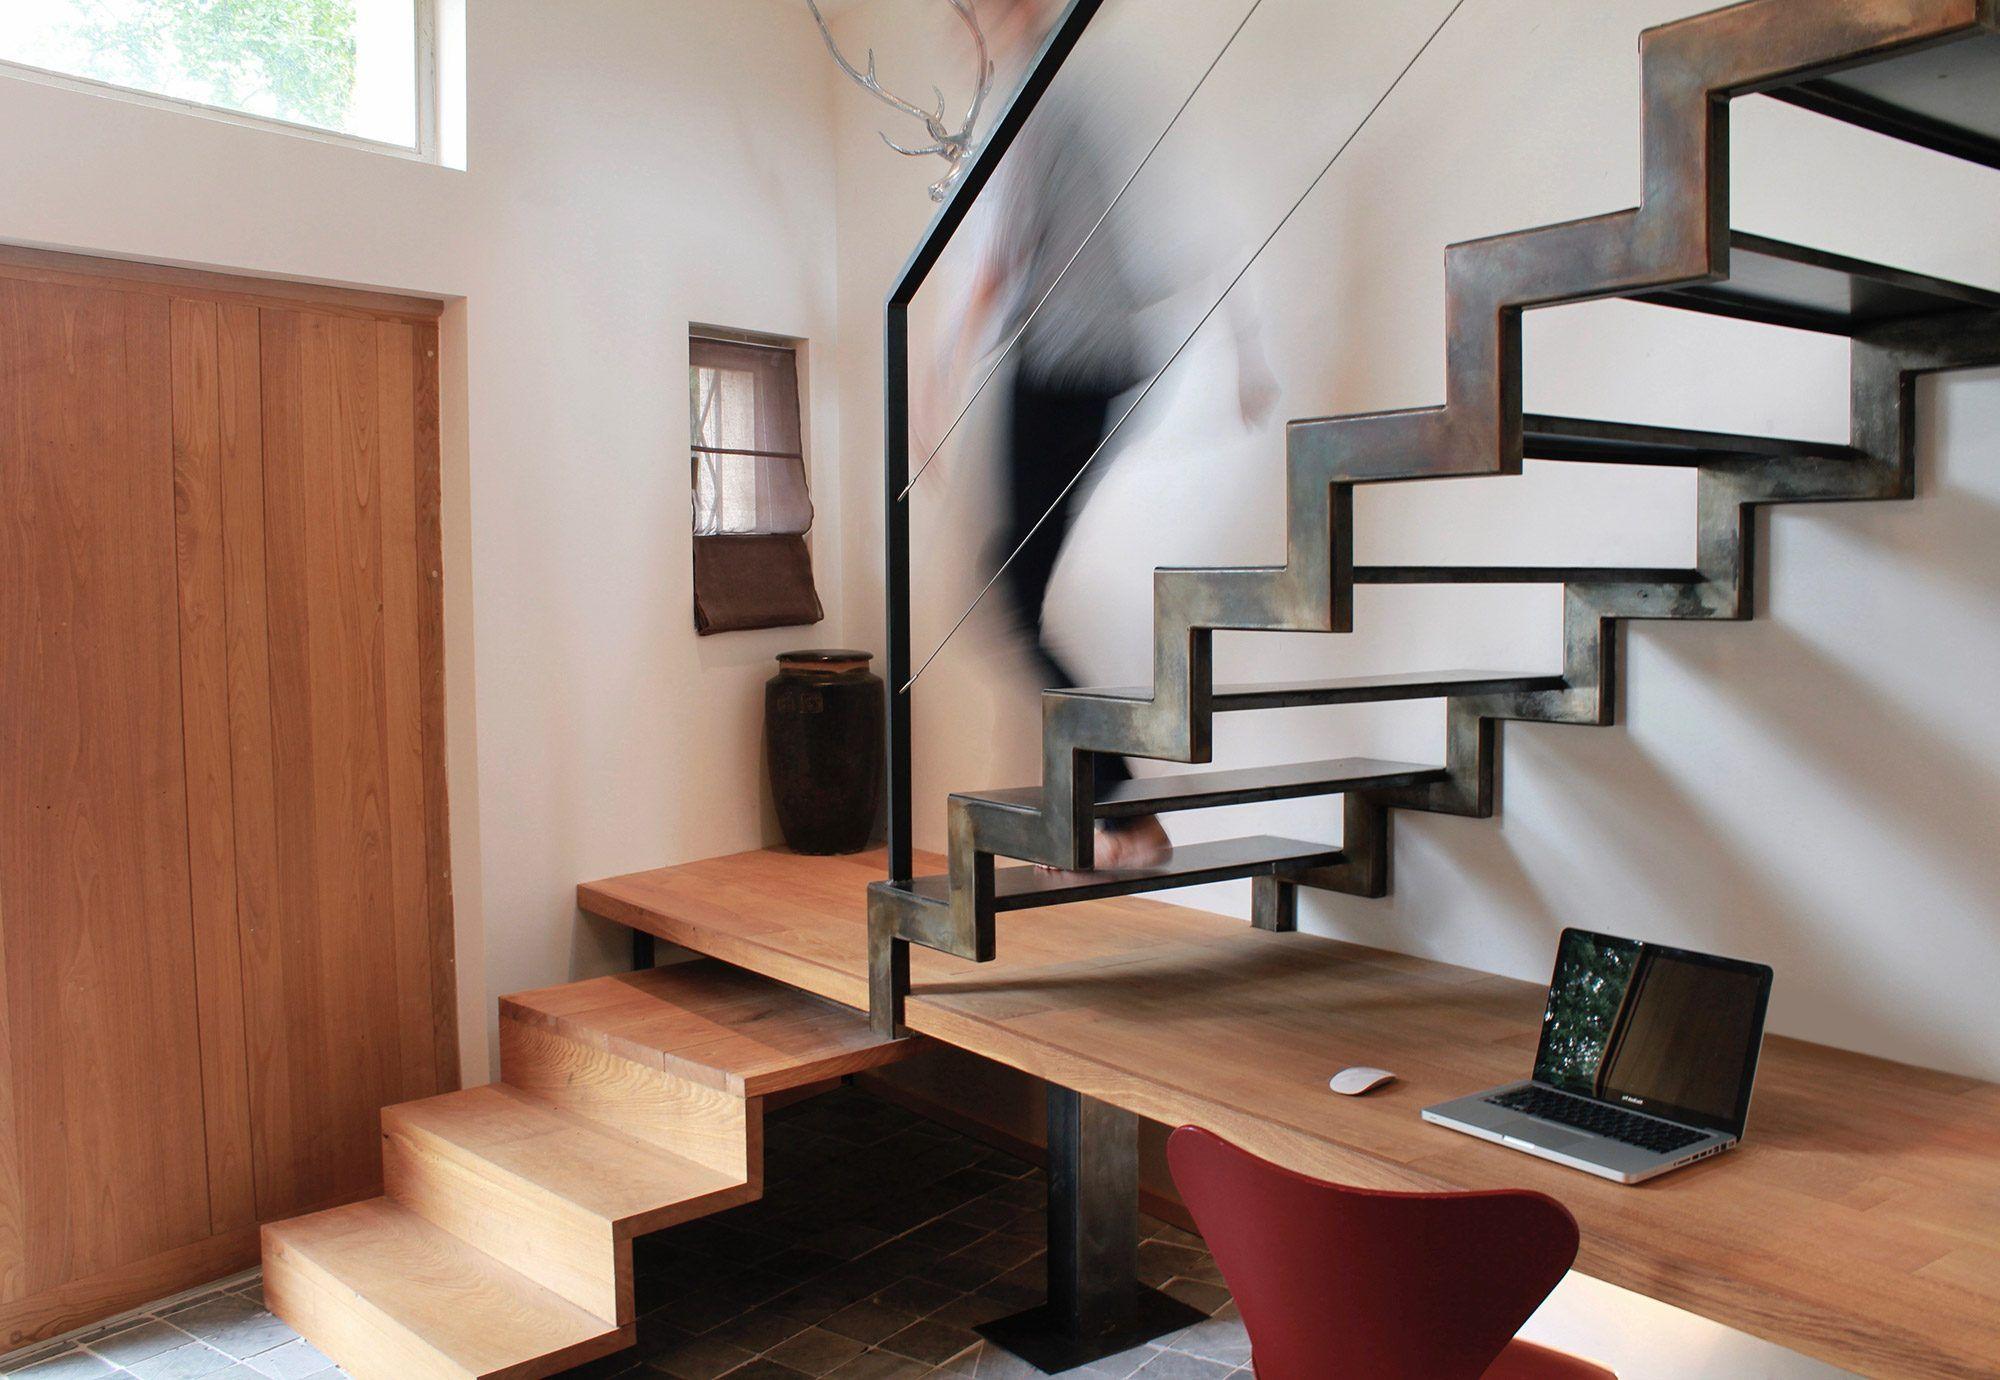 Escalier avec bureau métal et bois à crémaillère création sur